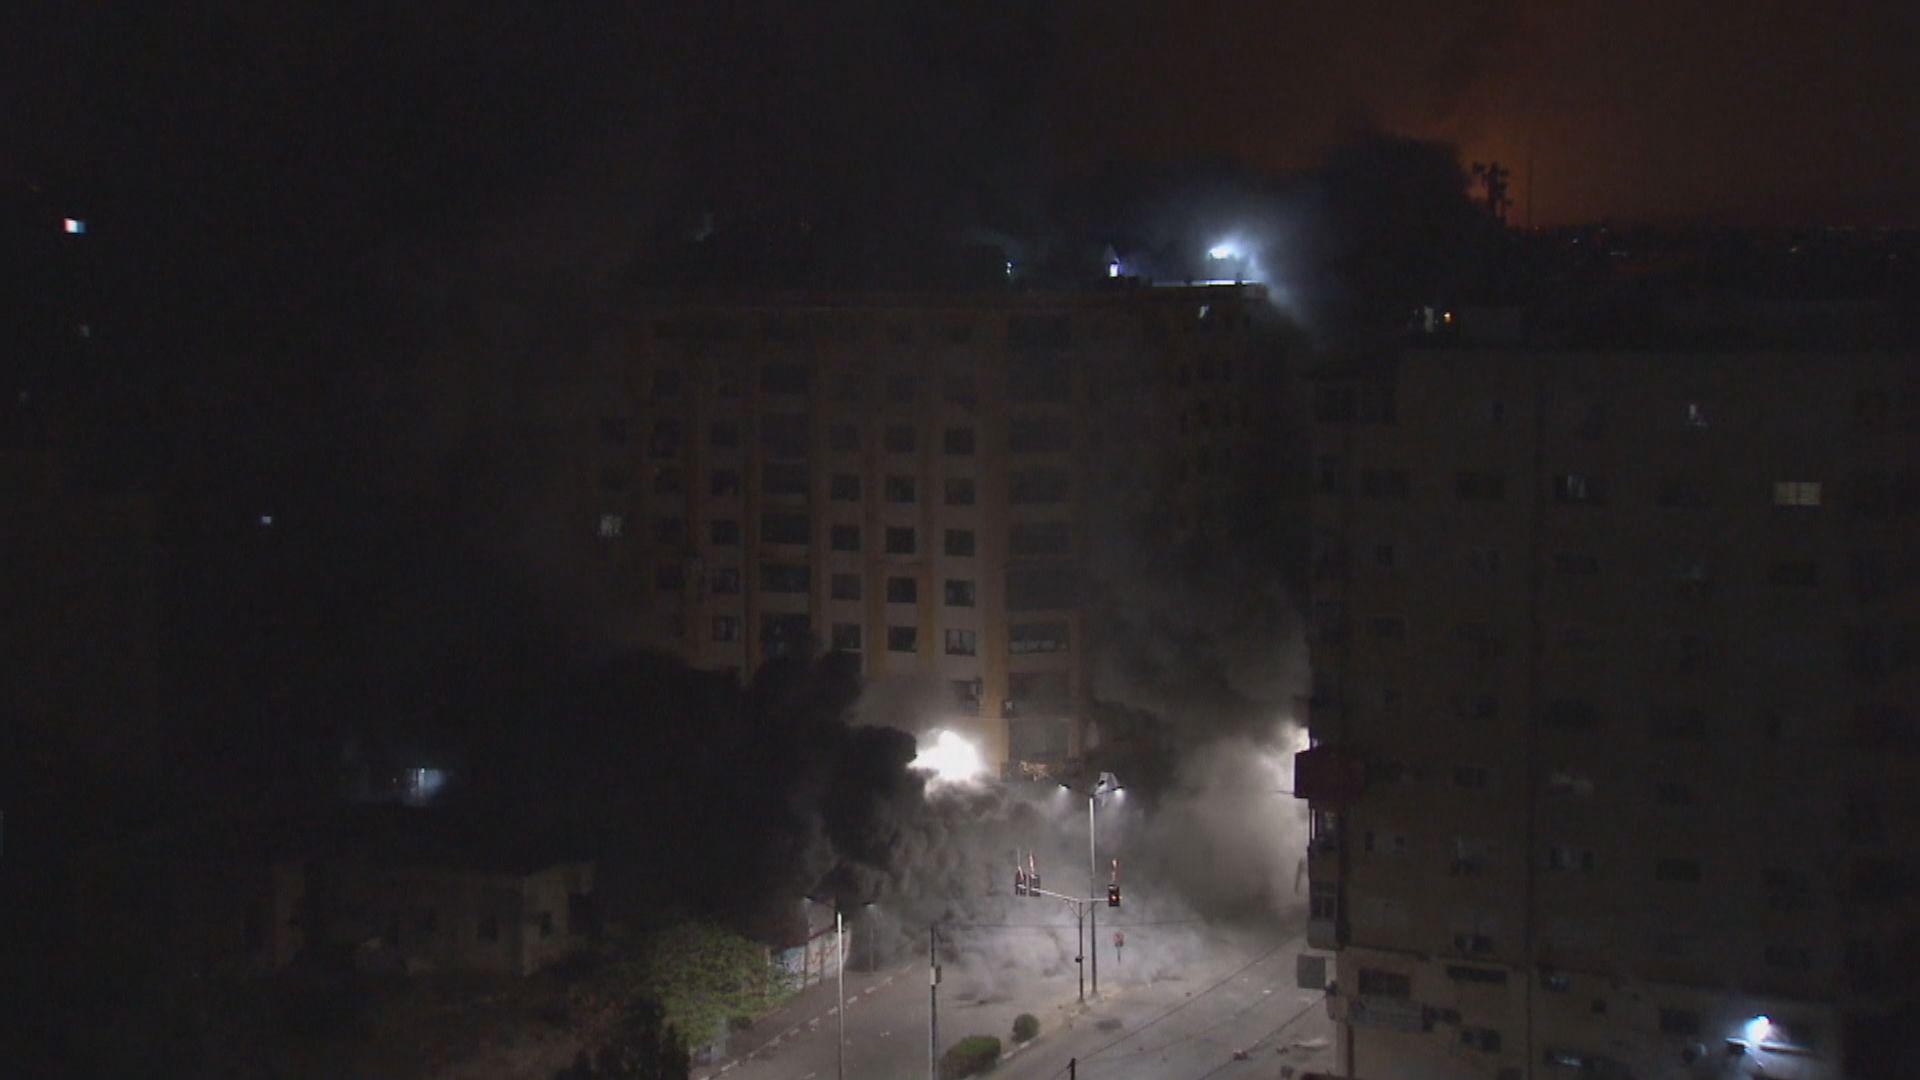 外界憂慮以巴瀕臨爆發全面戰爭 聯合國呼籲停火